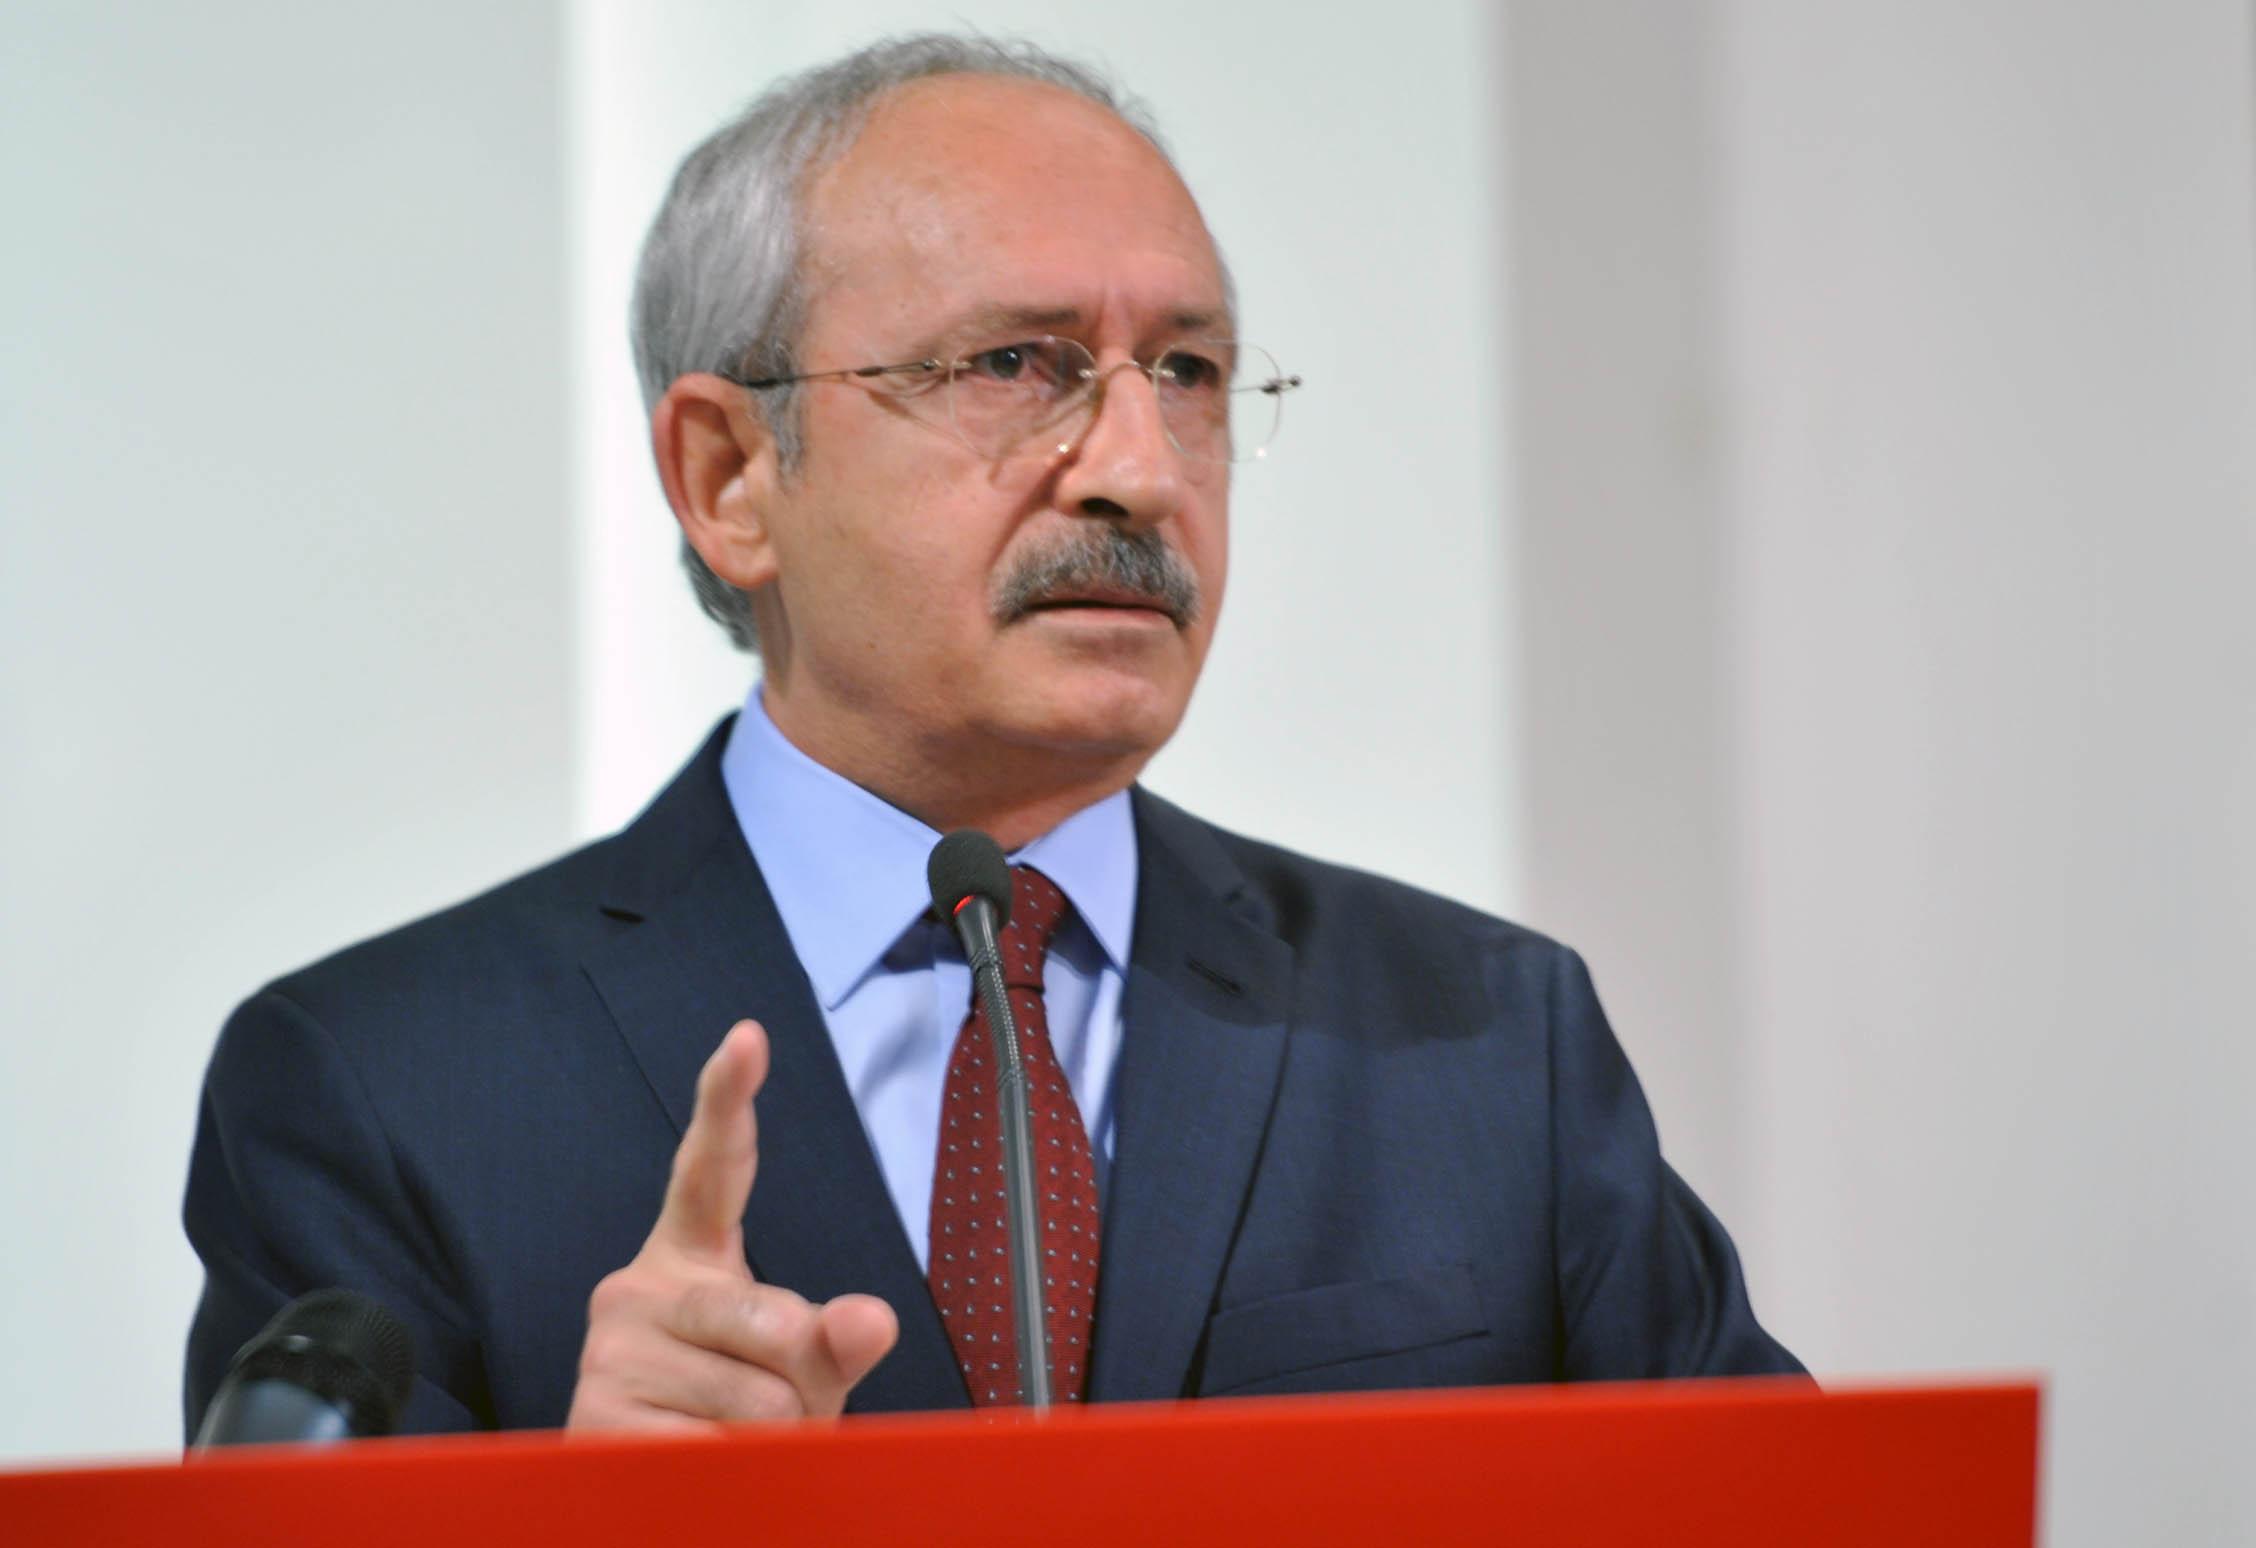 زعيم المعارضة التركية ينتقد توصية البرلمان الأوروبي بتعليق المفاوضات مع بلاده